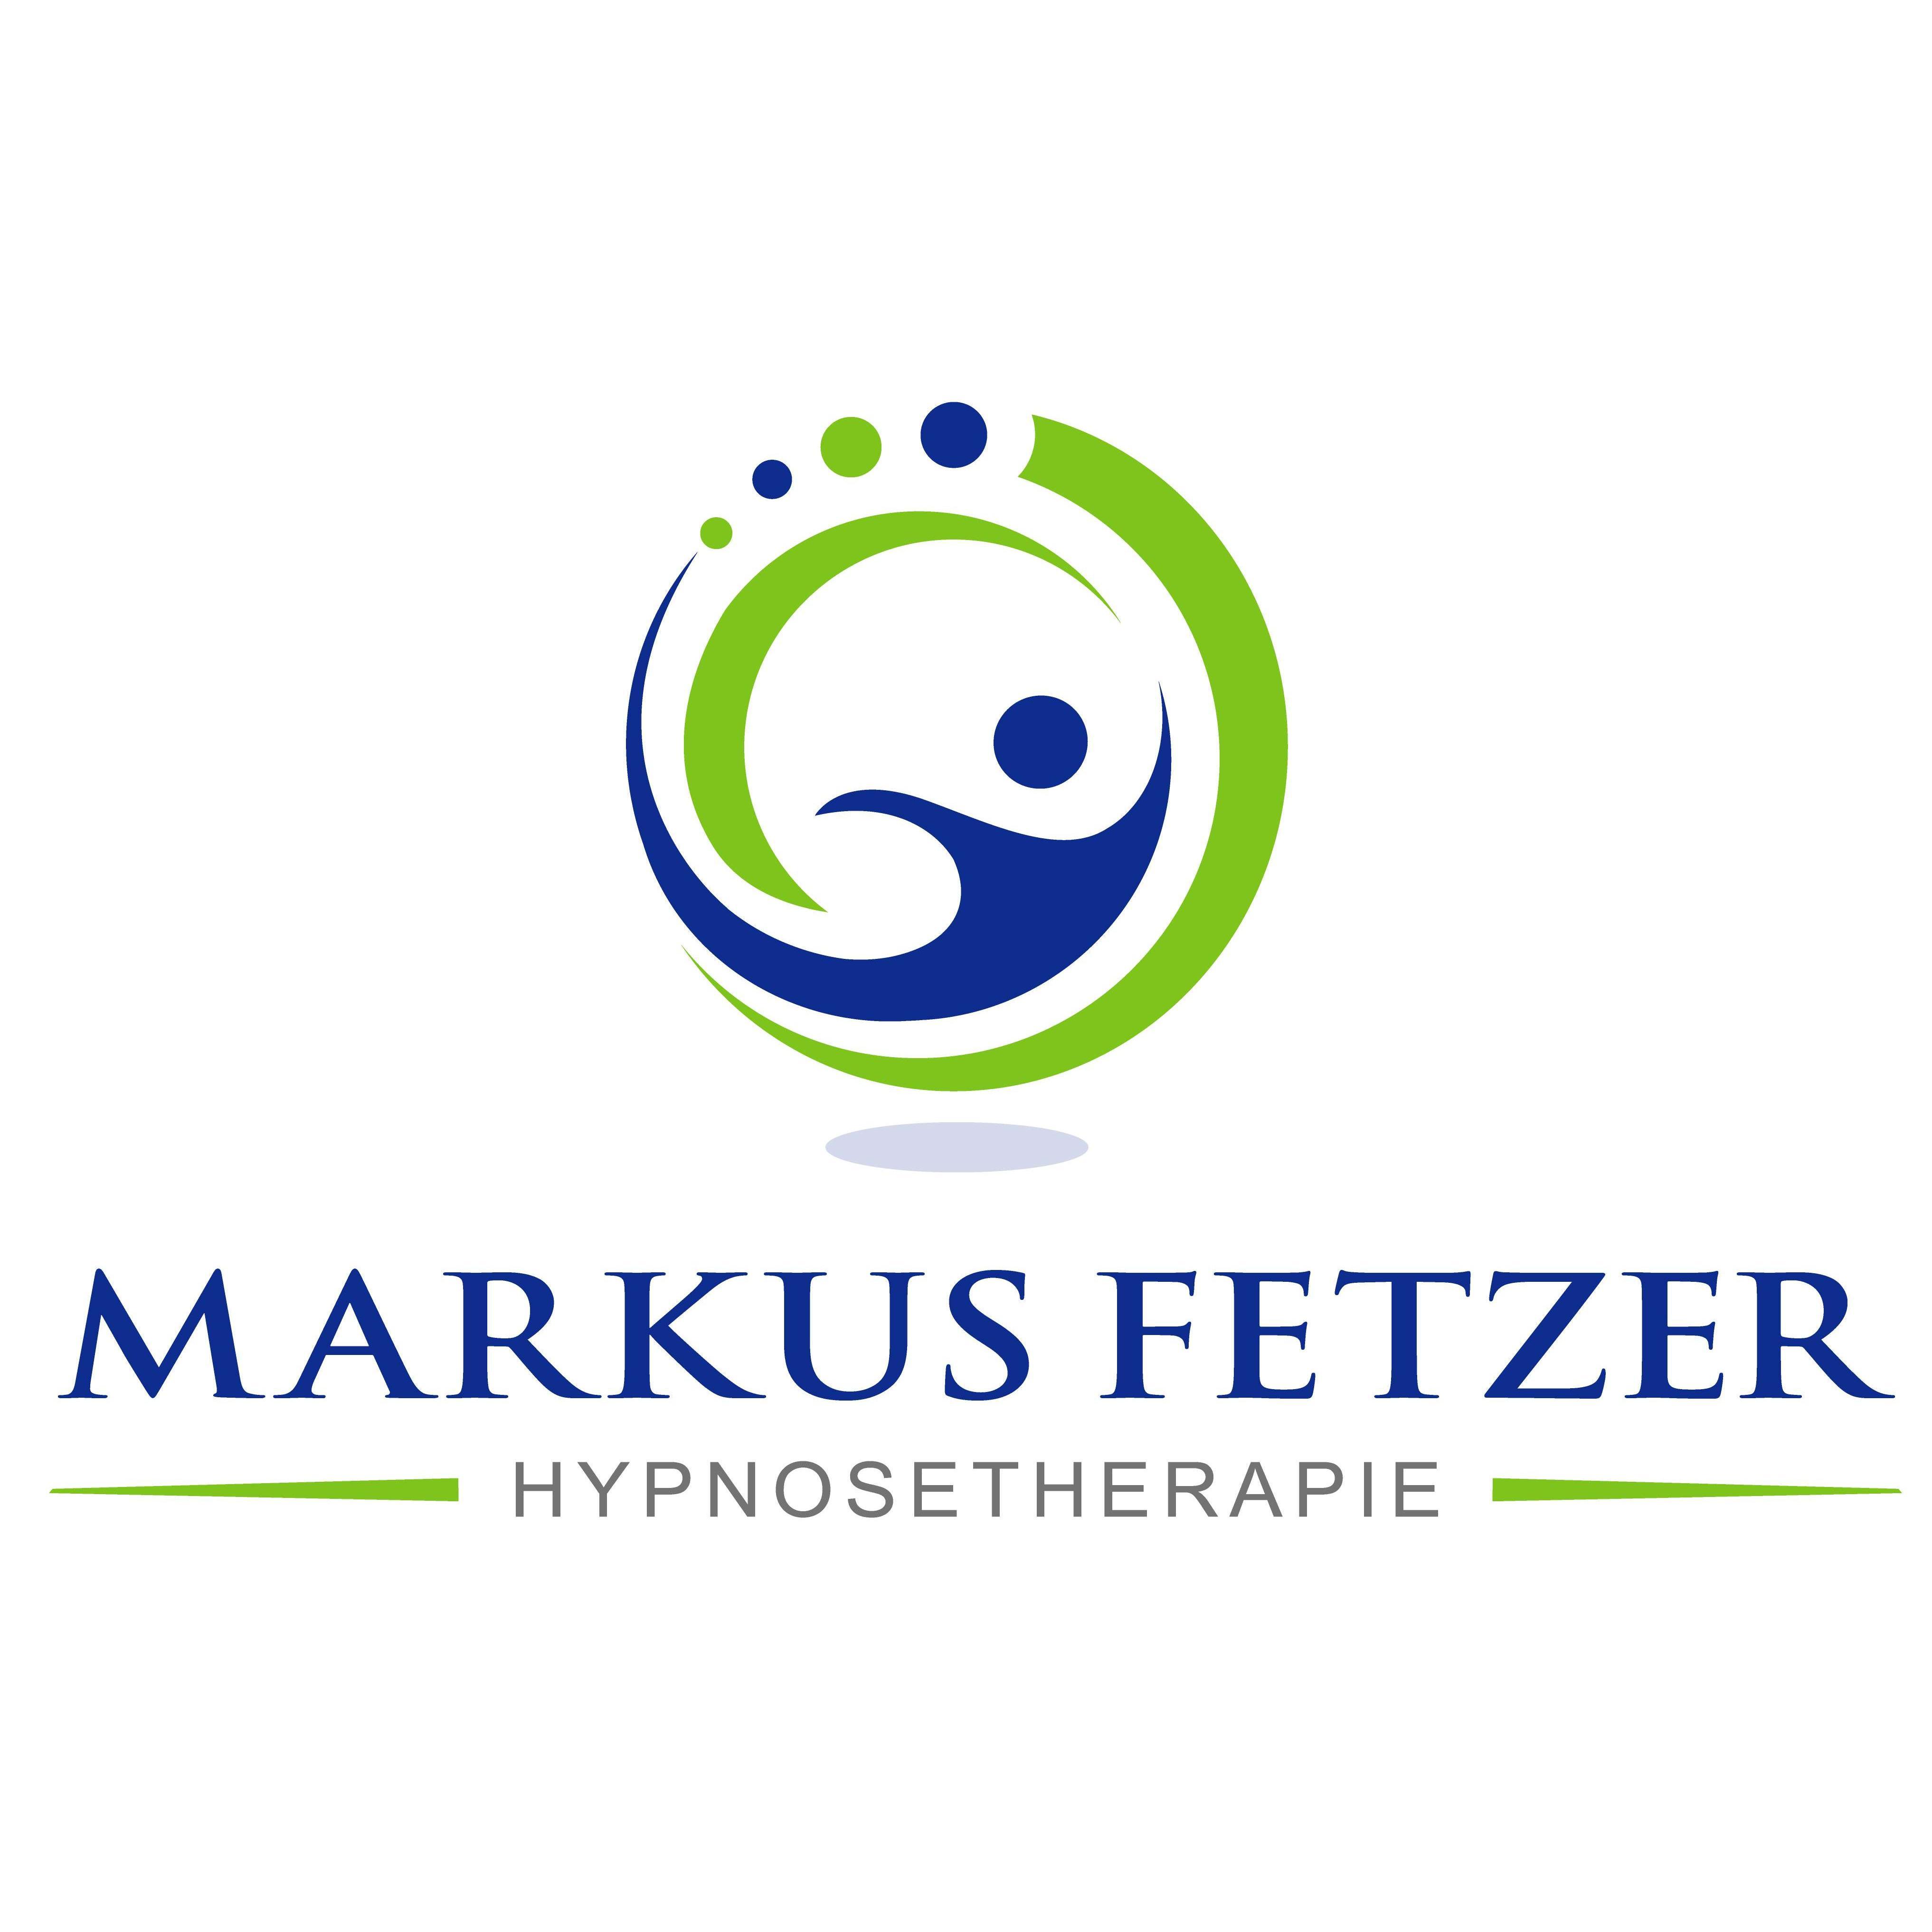 Bild zu Markus Fetzer - Hypnosetherapie in Braunschweig